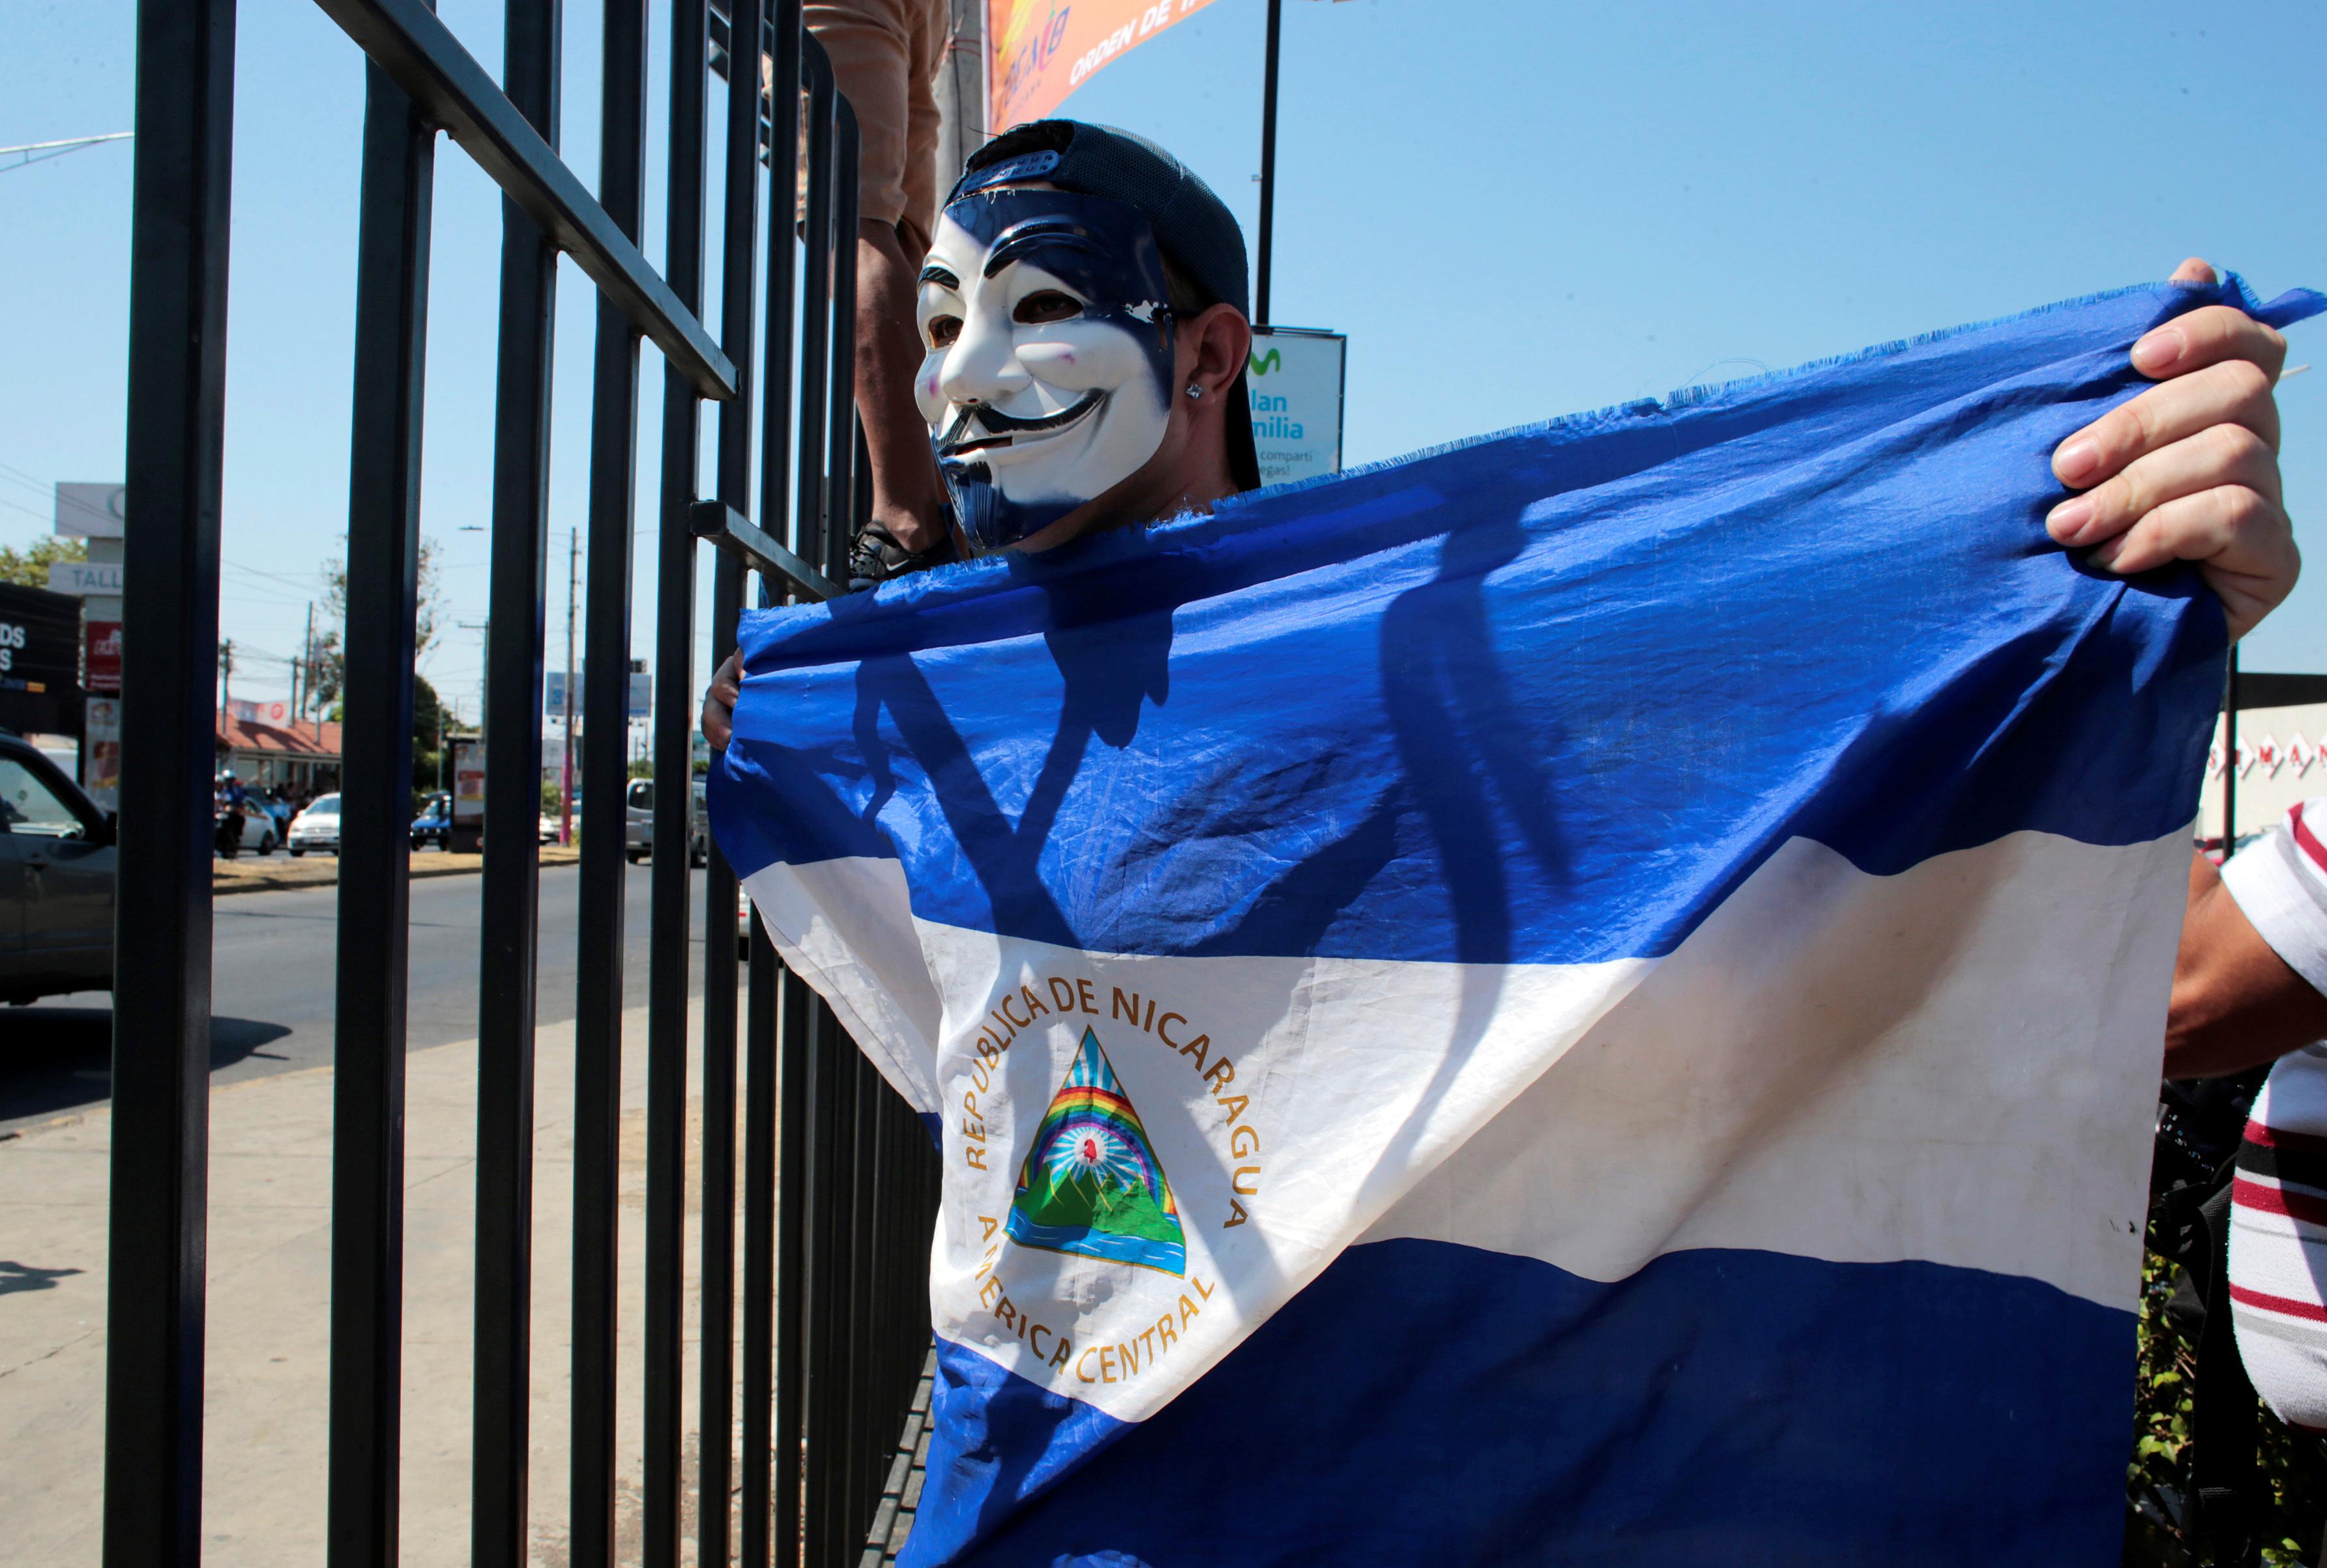 أحد المتظاهرين يرفع علم البلاد